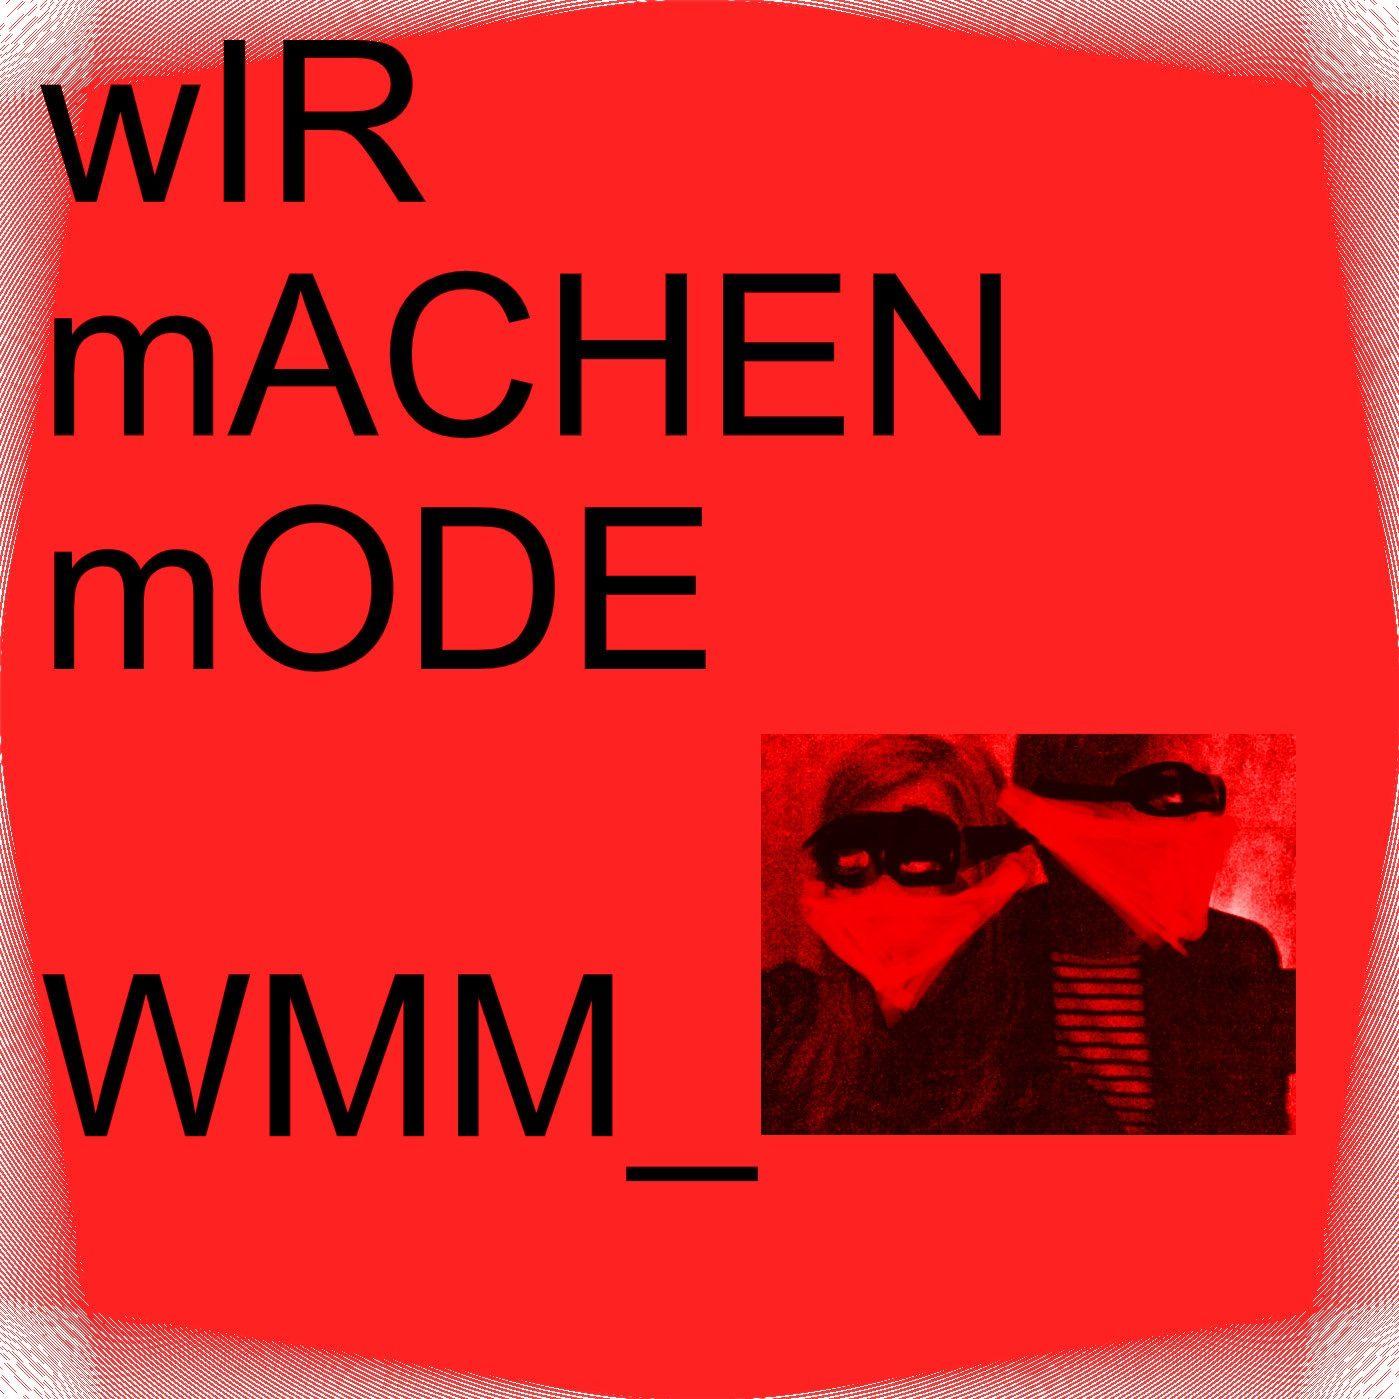 WMM3_gEHEIM_tOP-sECRET_vERSCHOLLEN?_FINAL?